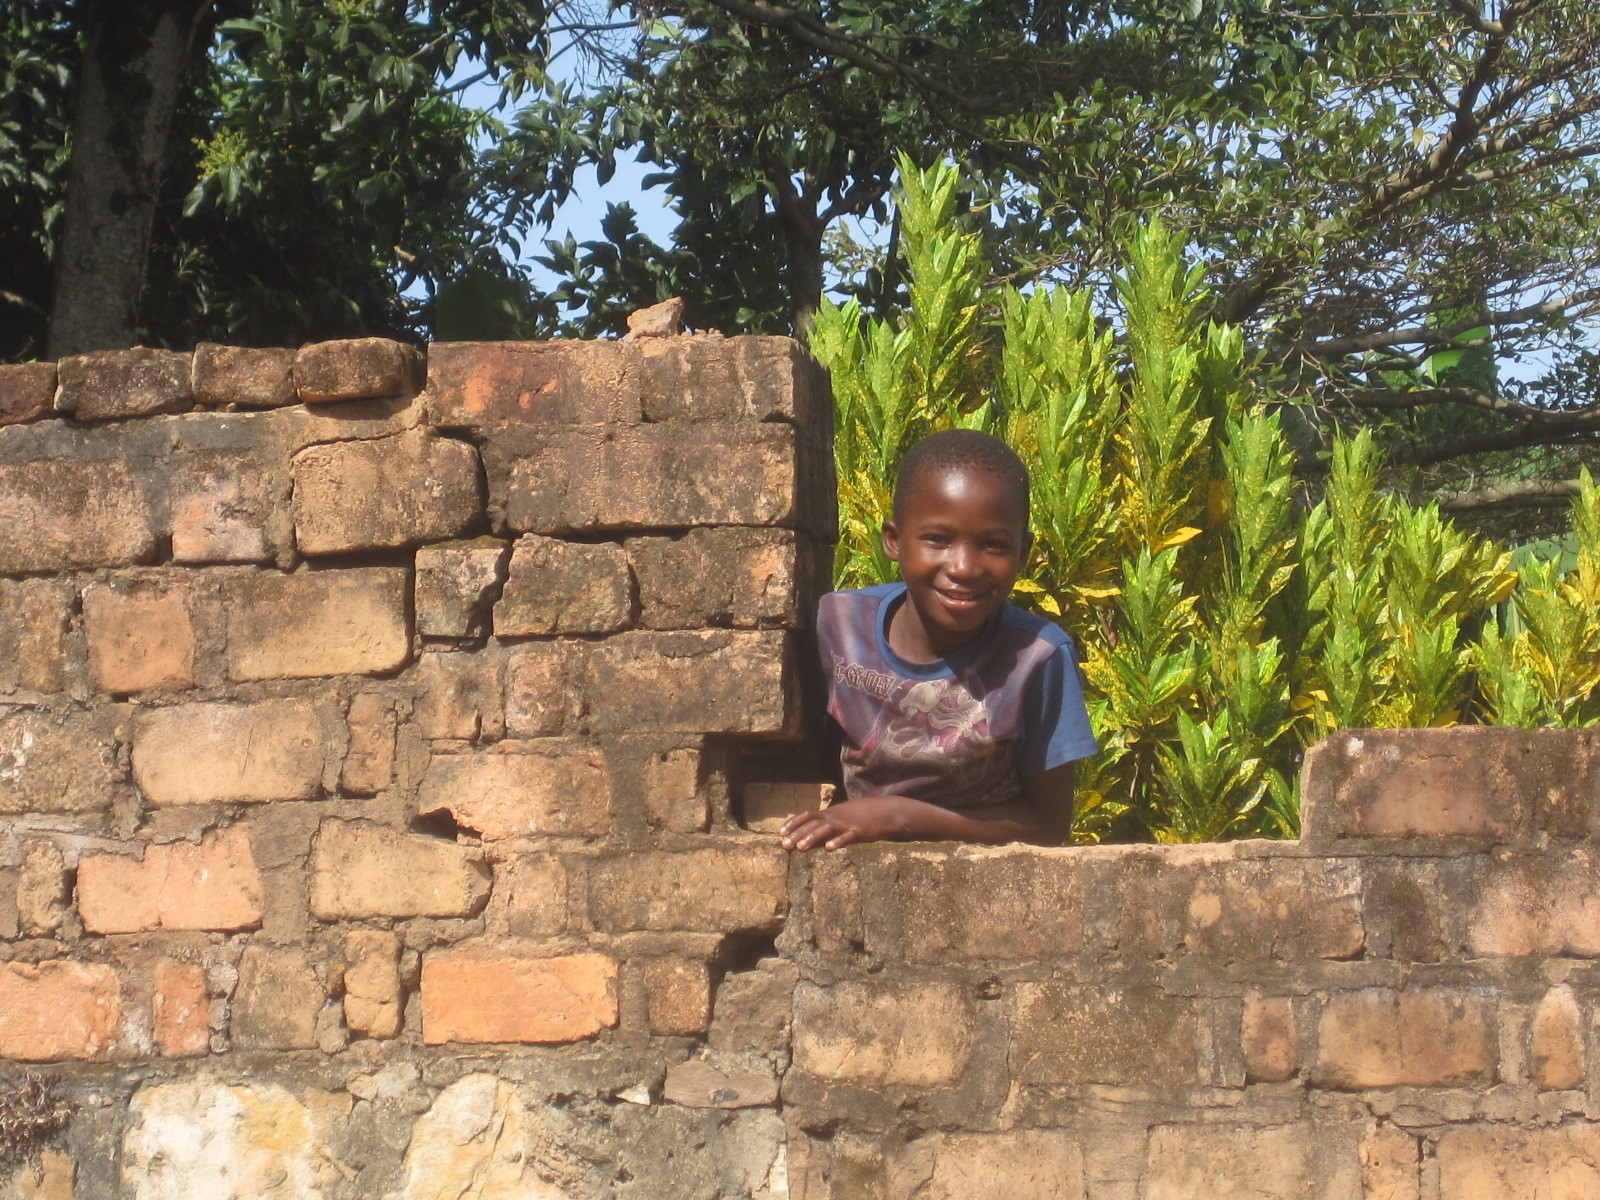 Einer unserer Nachbarsjungen